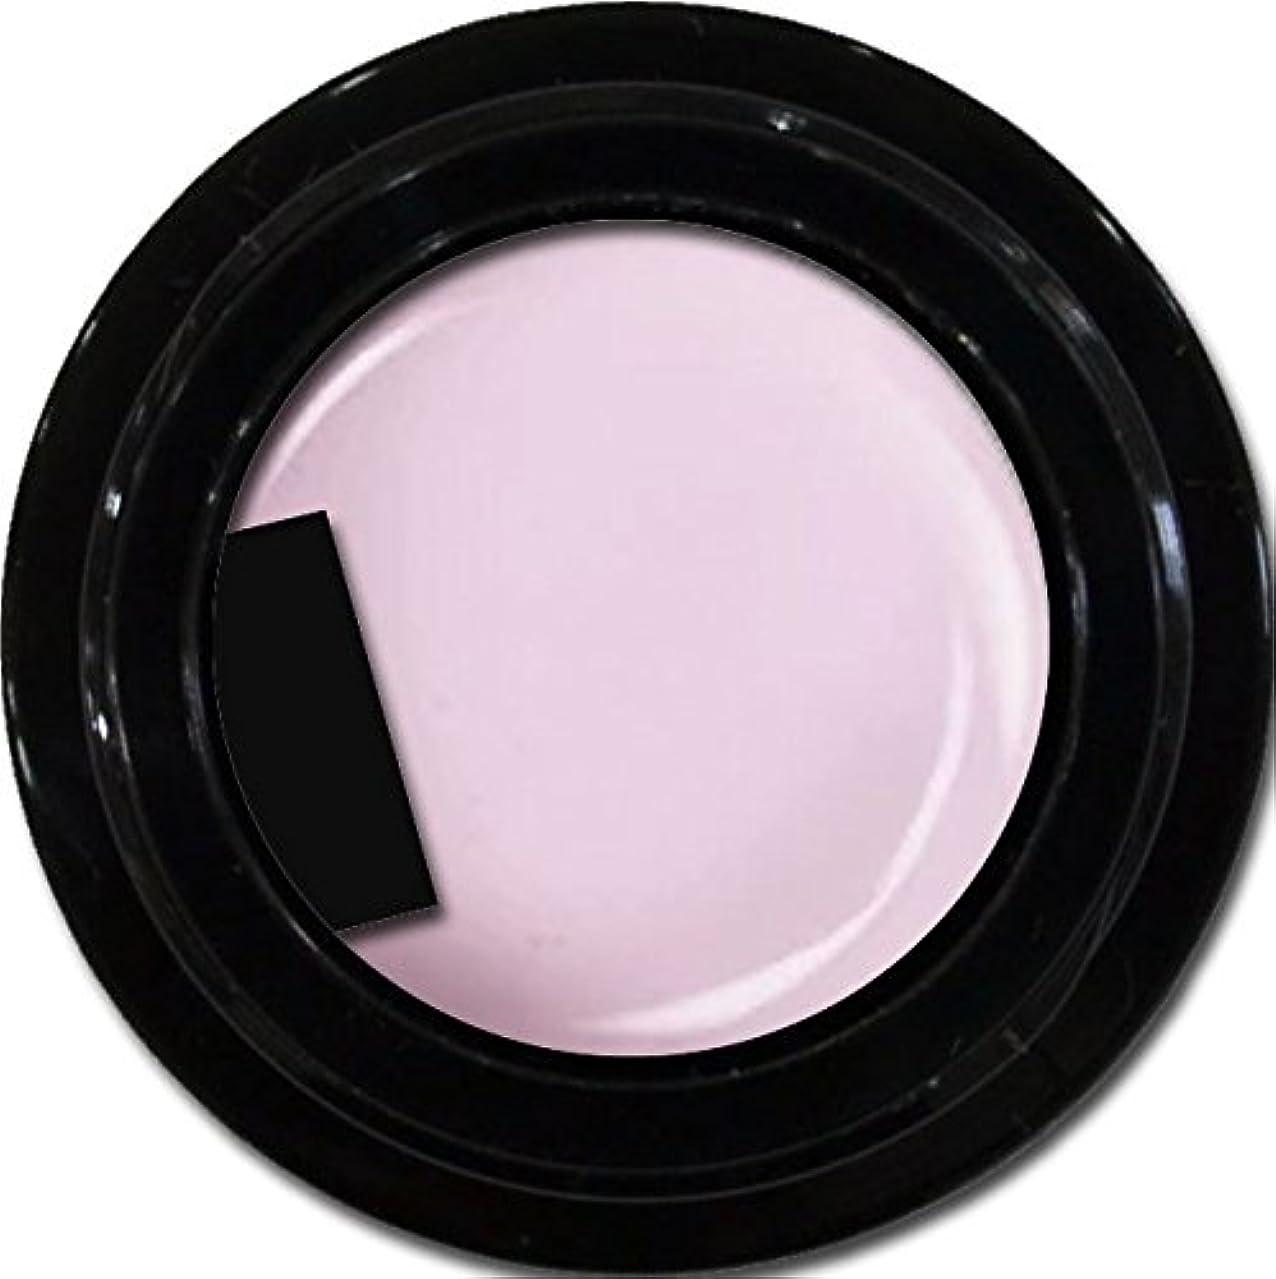 補助金筋肉のへこみカラージェル enchant color gel M501 ChiffonLavender 3g/ マットカラージェル M501 シフォンラベンダー 3グラム